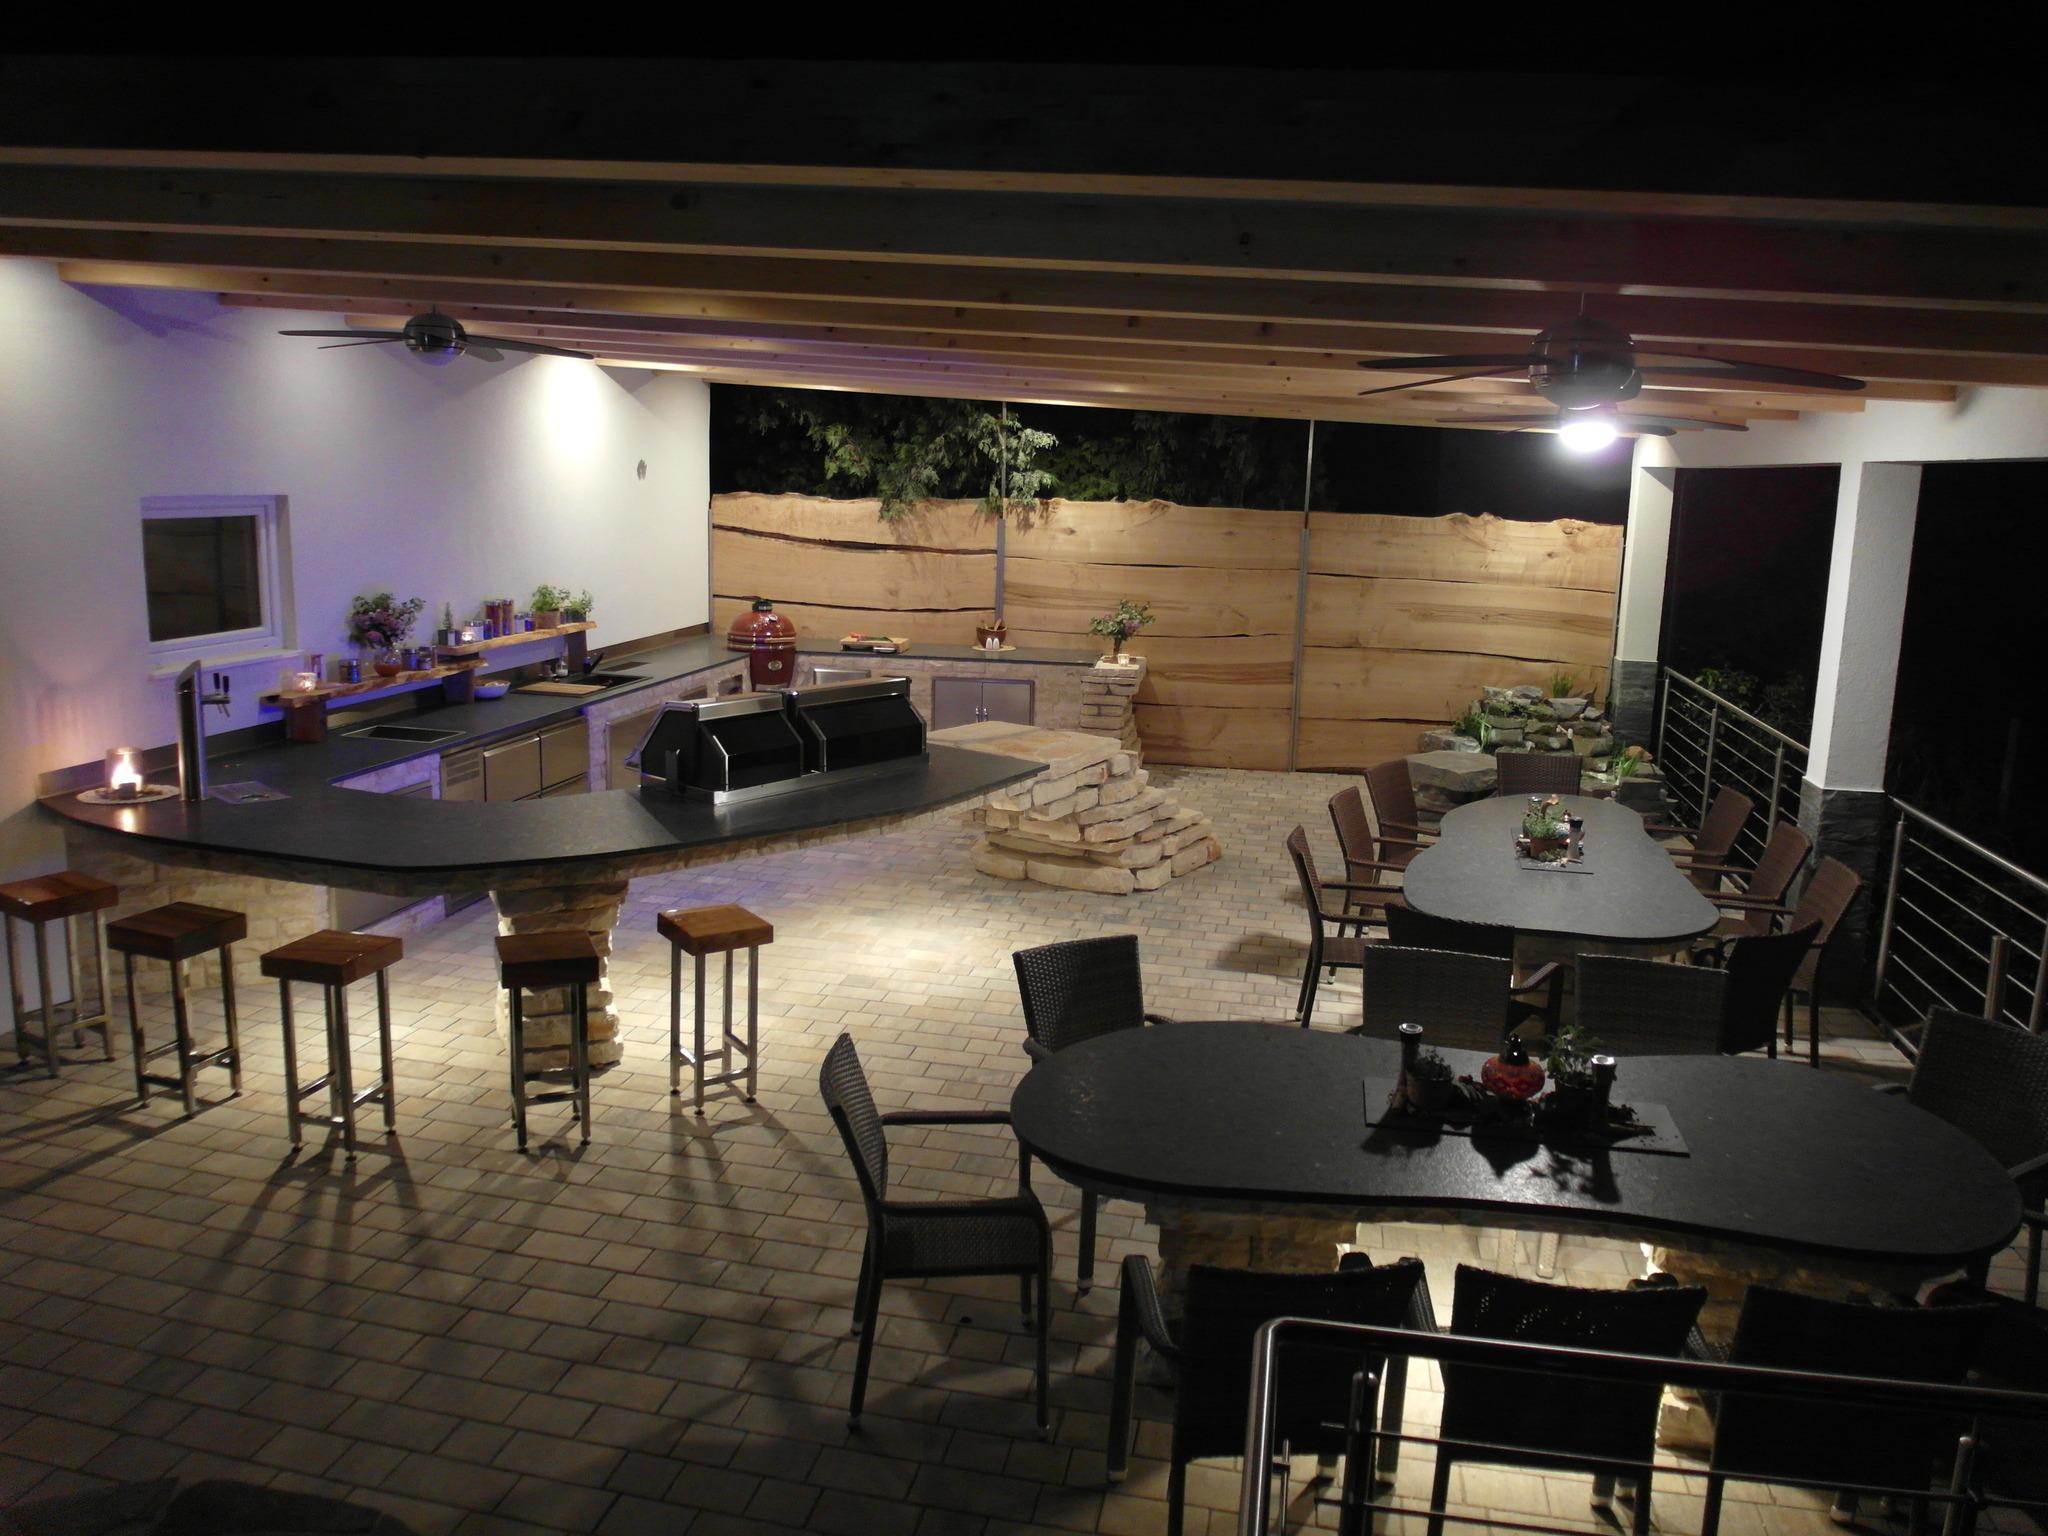 Outdoorküche Bauen Xxl : Feuerstelle outdoor küche outdoorküche bauen ratgeber die system